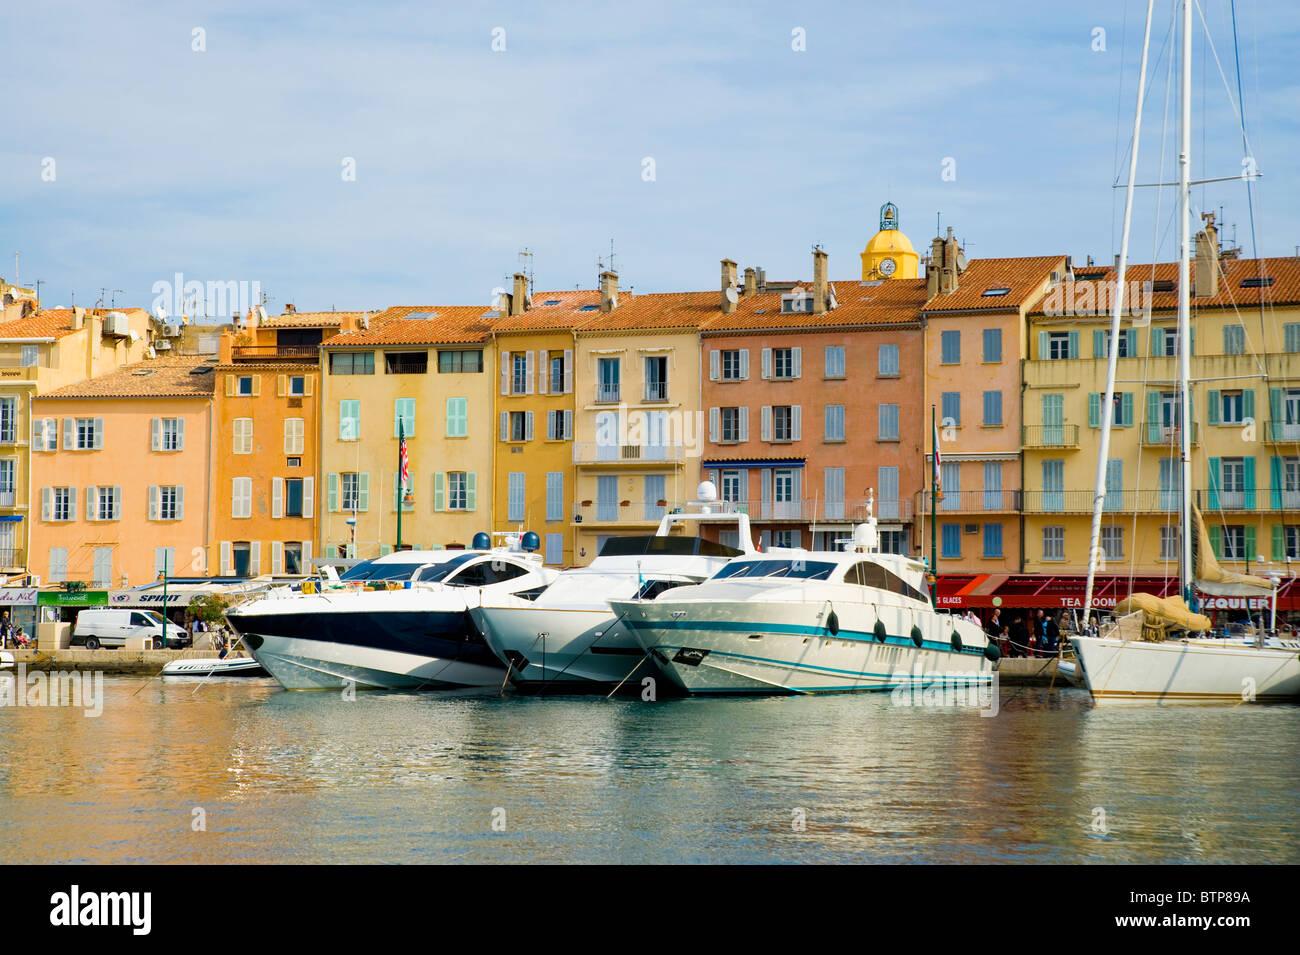 Harbour, St. Tropez, Cote d'Azur, France Stock Photo